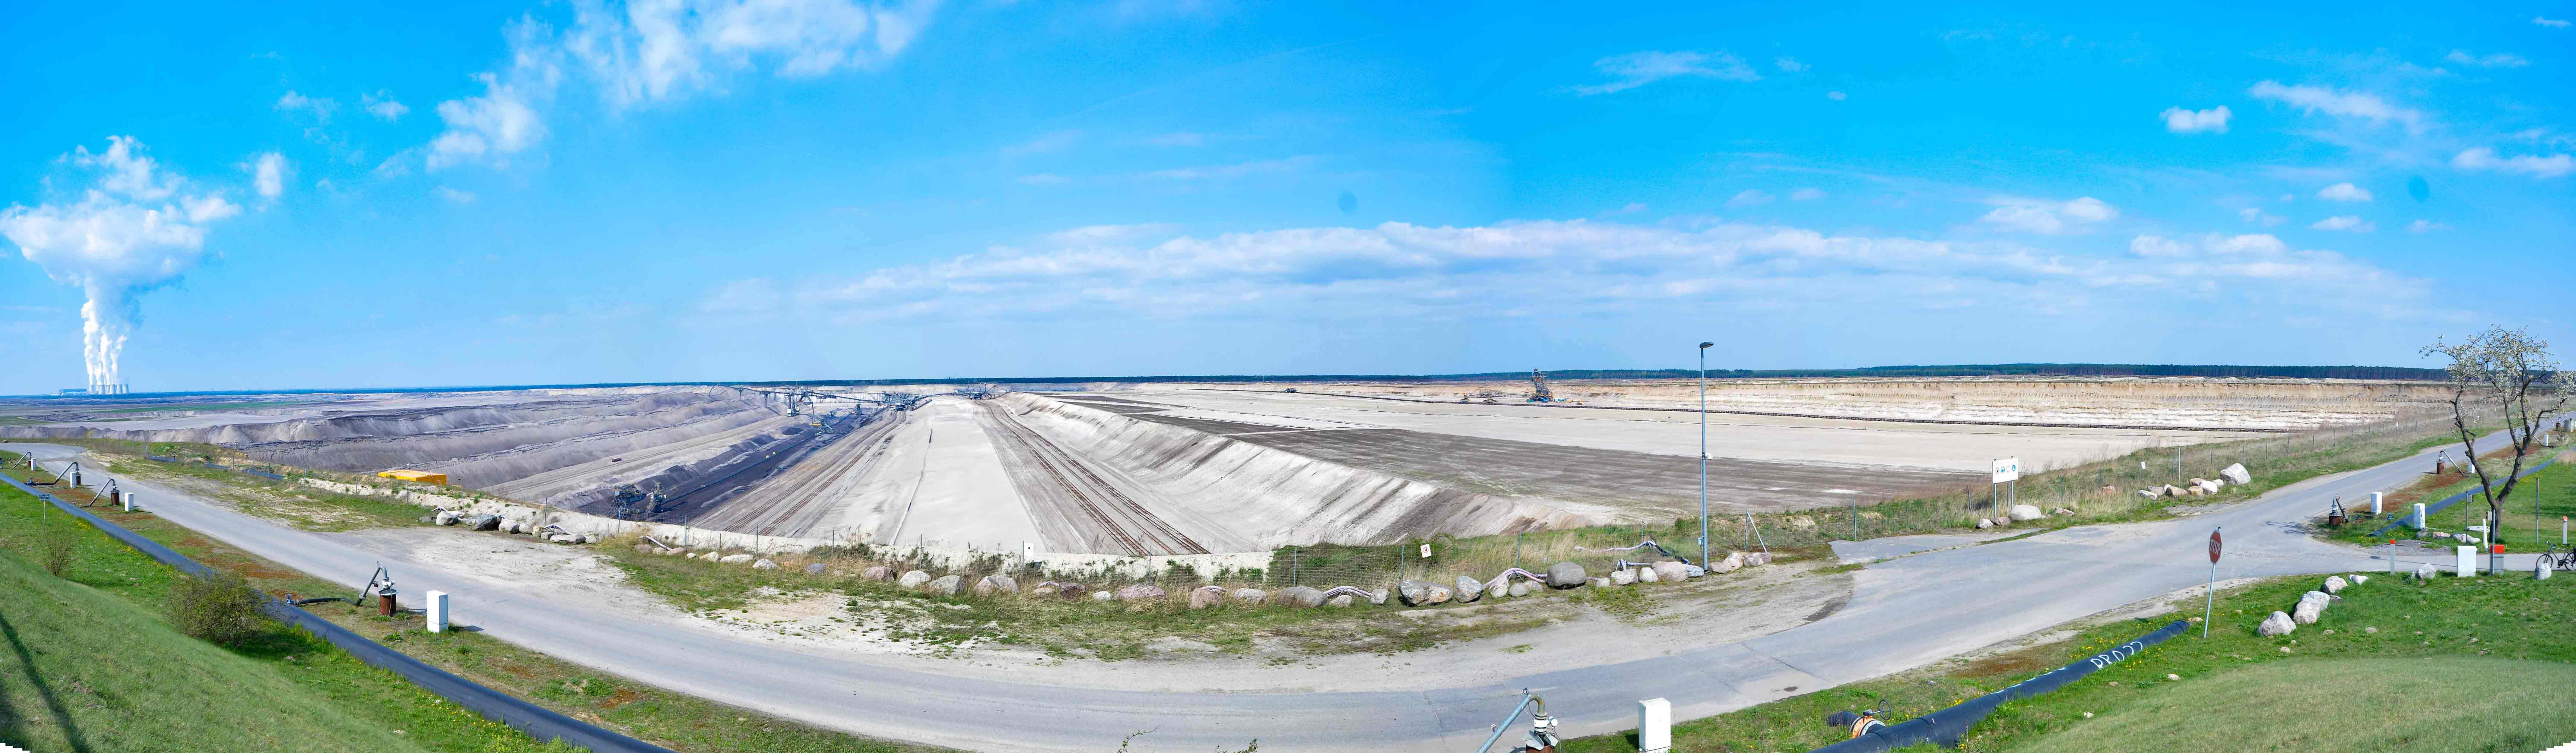 Tagebau panorama